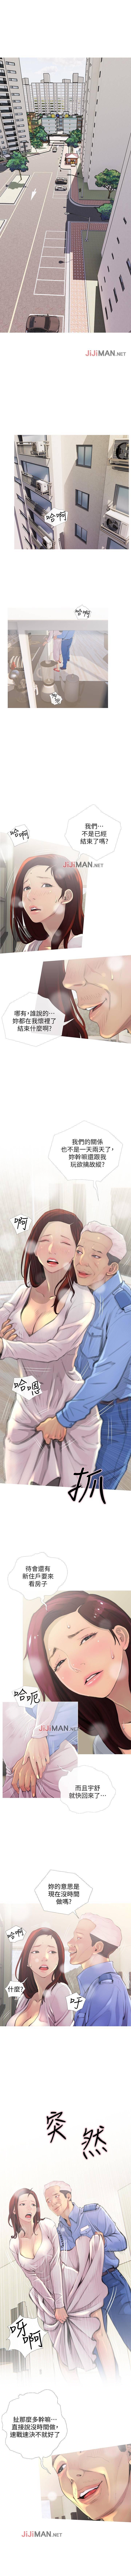 【周五连载】主妇危机(作者:查爾斯&漢水) 第1~26话 8